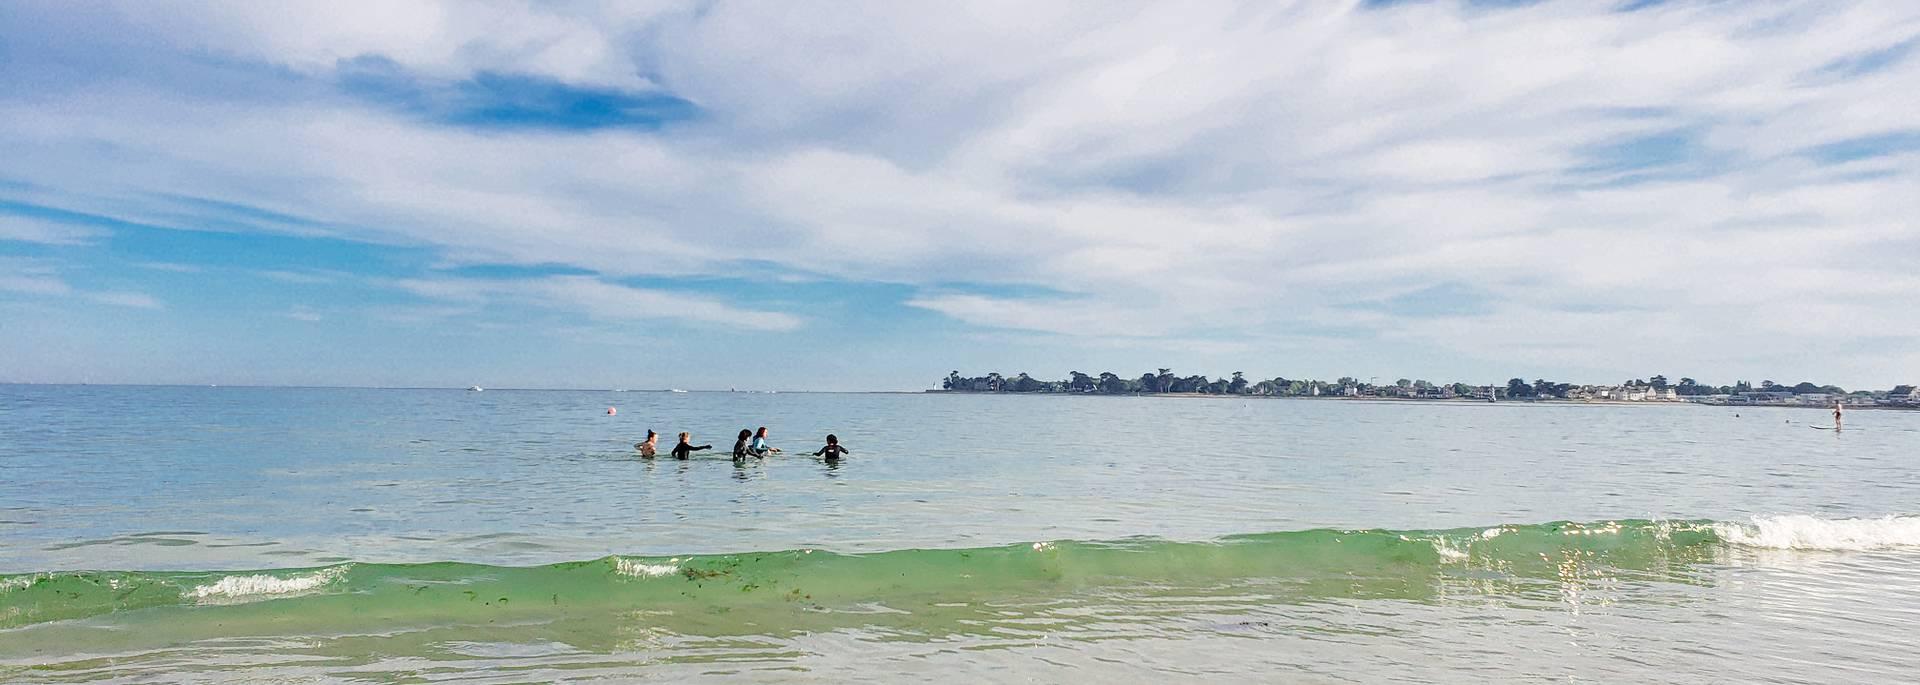 marche aquatique en Pays Bigouden - Île-Tudy ©E Cléret